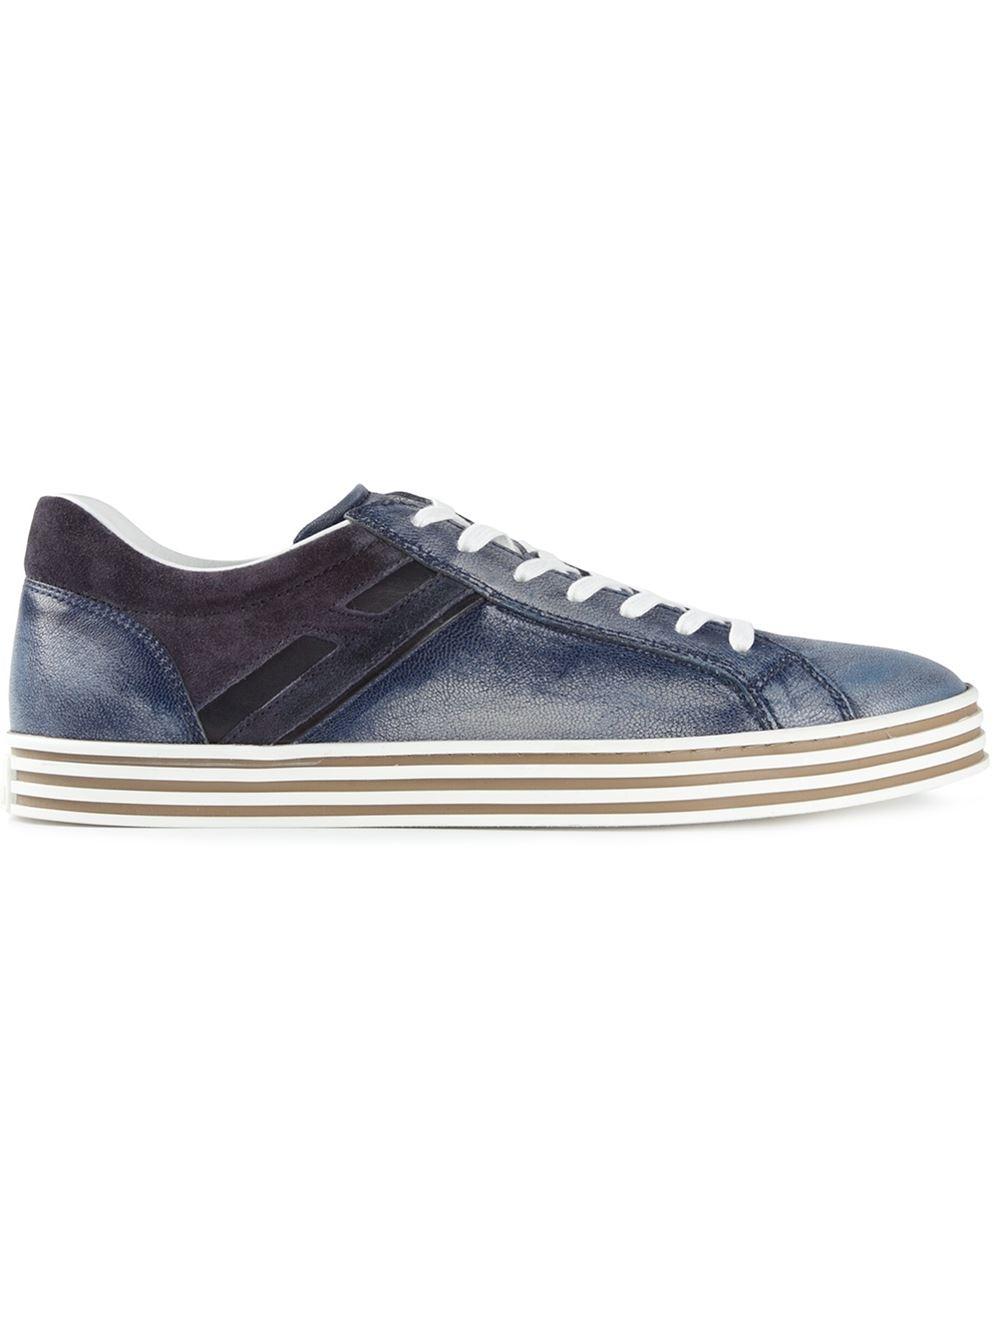 Hogan Rebel Mens Shoes